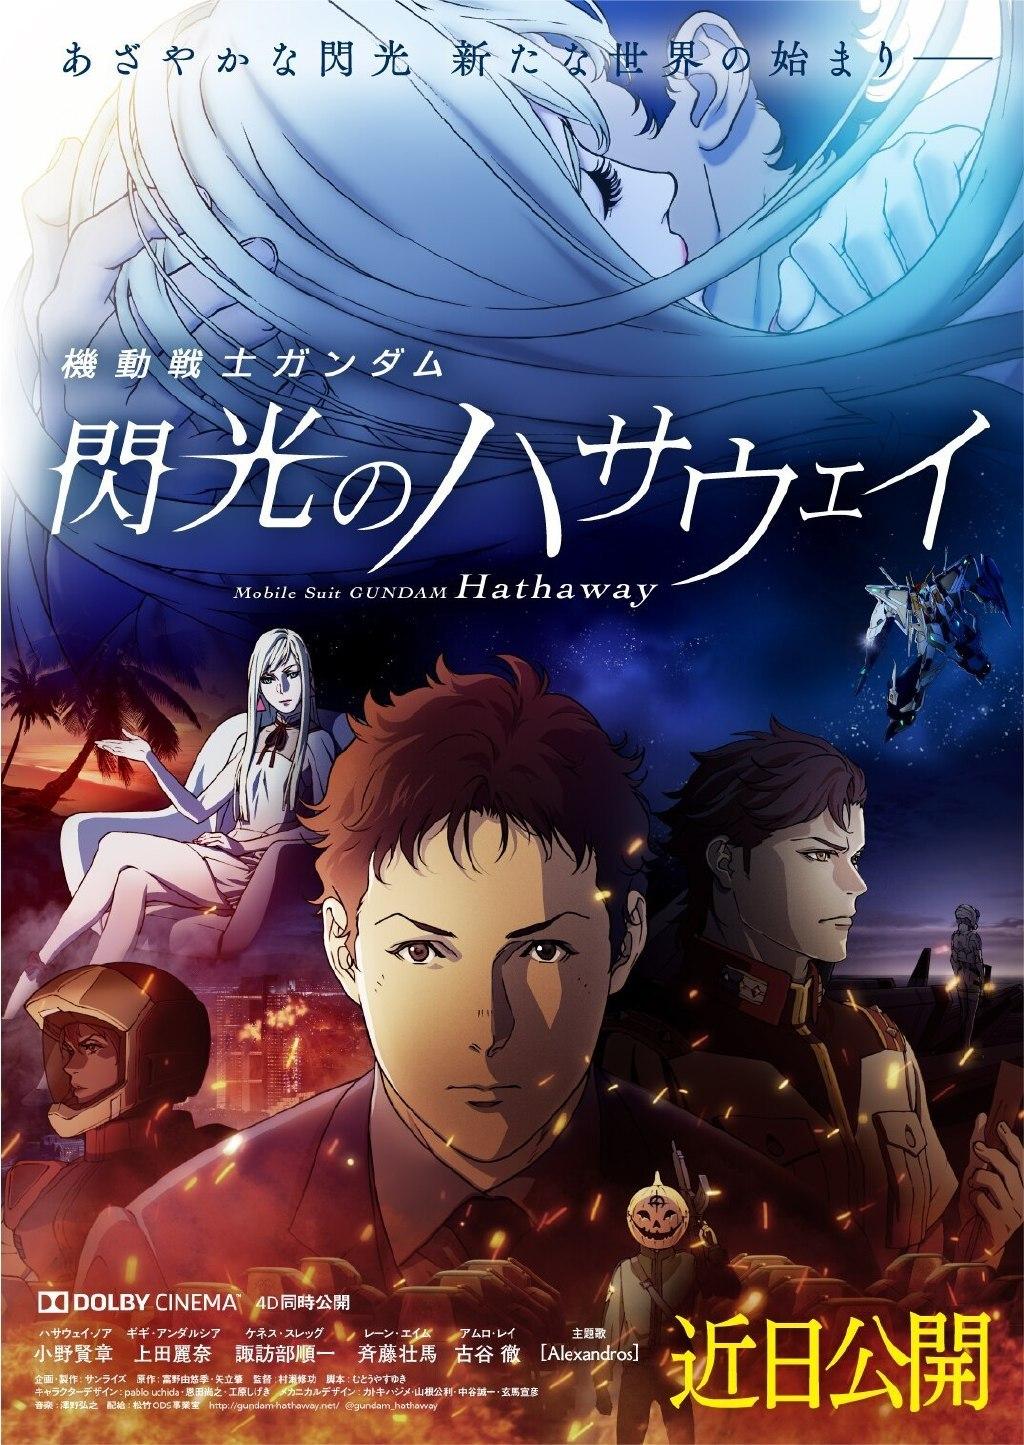 【动漫情报】剧场版《机动战士高达 闪光的哈萨维》再次宣布延期